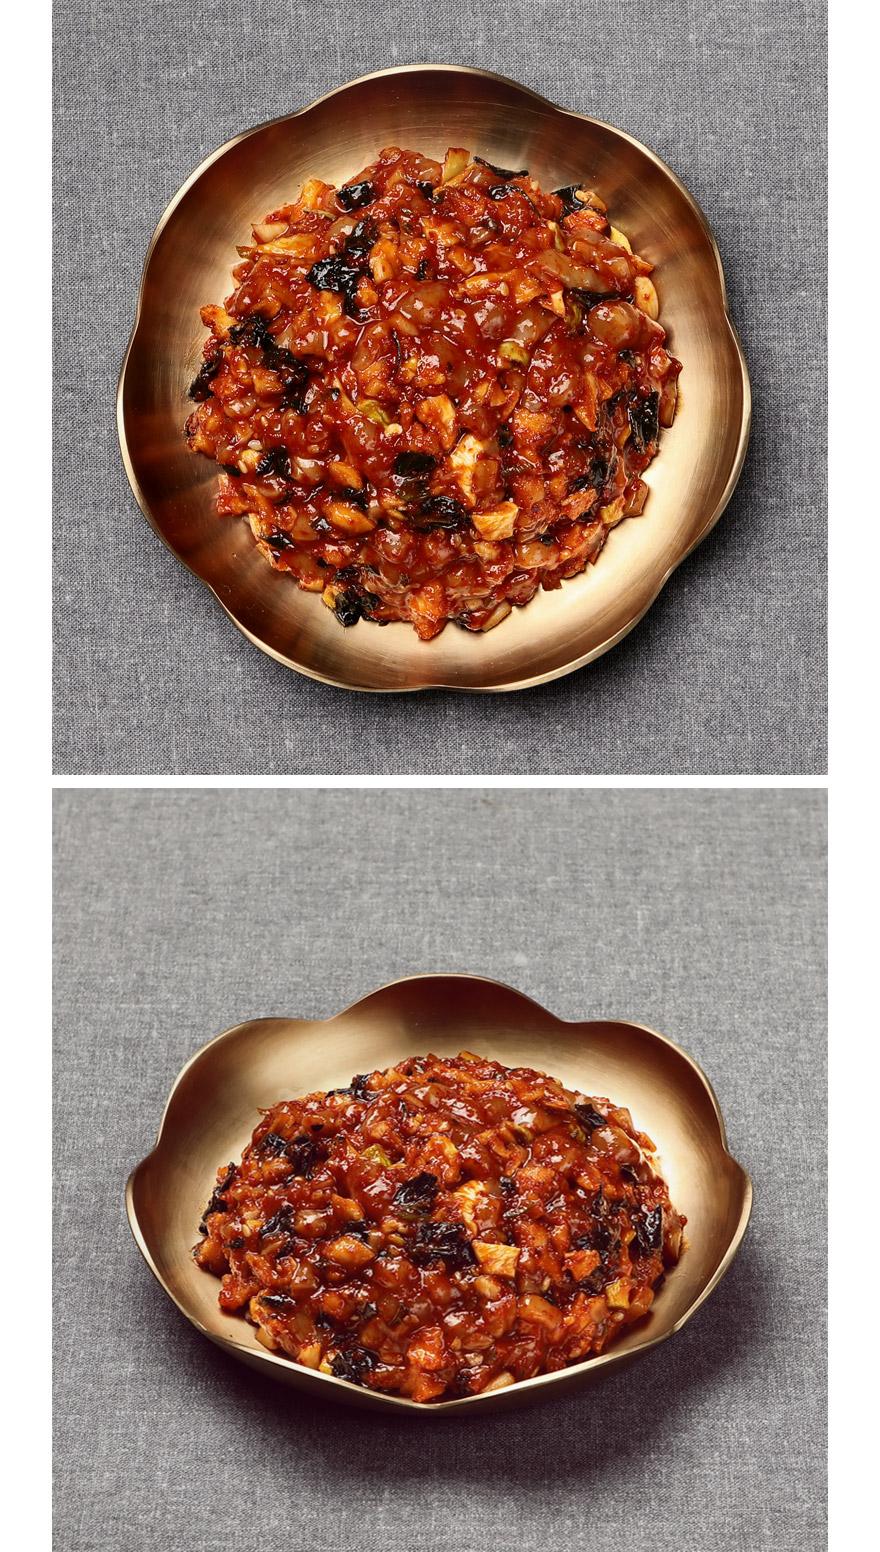 오징어무말랭이무침 쫄깃하고 찰진 오징어와 새콤달콤한 양념이 입에 착착 감긴답니다. 1년 내내 식탁에 올릴 정도로 말이죠. 건 고춧잎, 100% 국내산 고춧가루와 참깨 기름 등 믿을 수 있는 재료로 만들었어요. 흰쌀밥에만 올려서 먹어도 꿀맛이지만, 죽이나 고기 먹을 때 곁들이면 더 맛있어요.